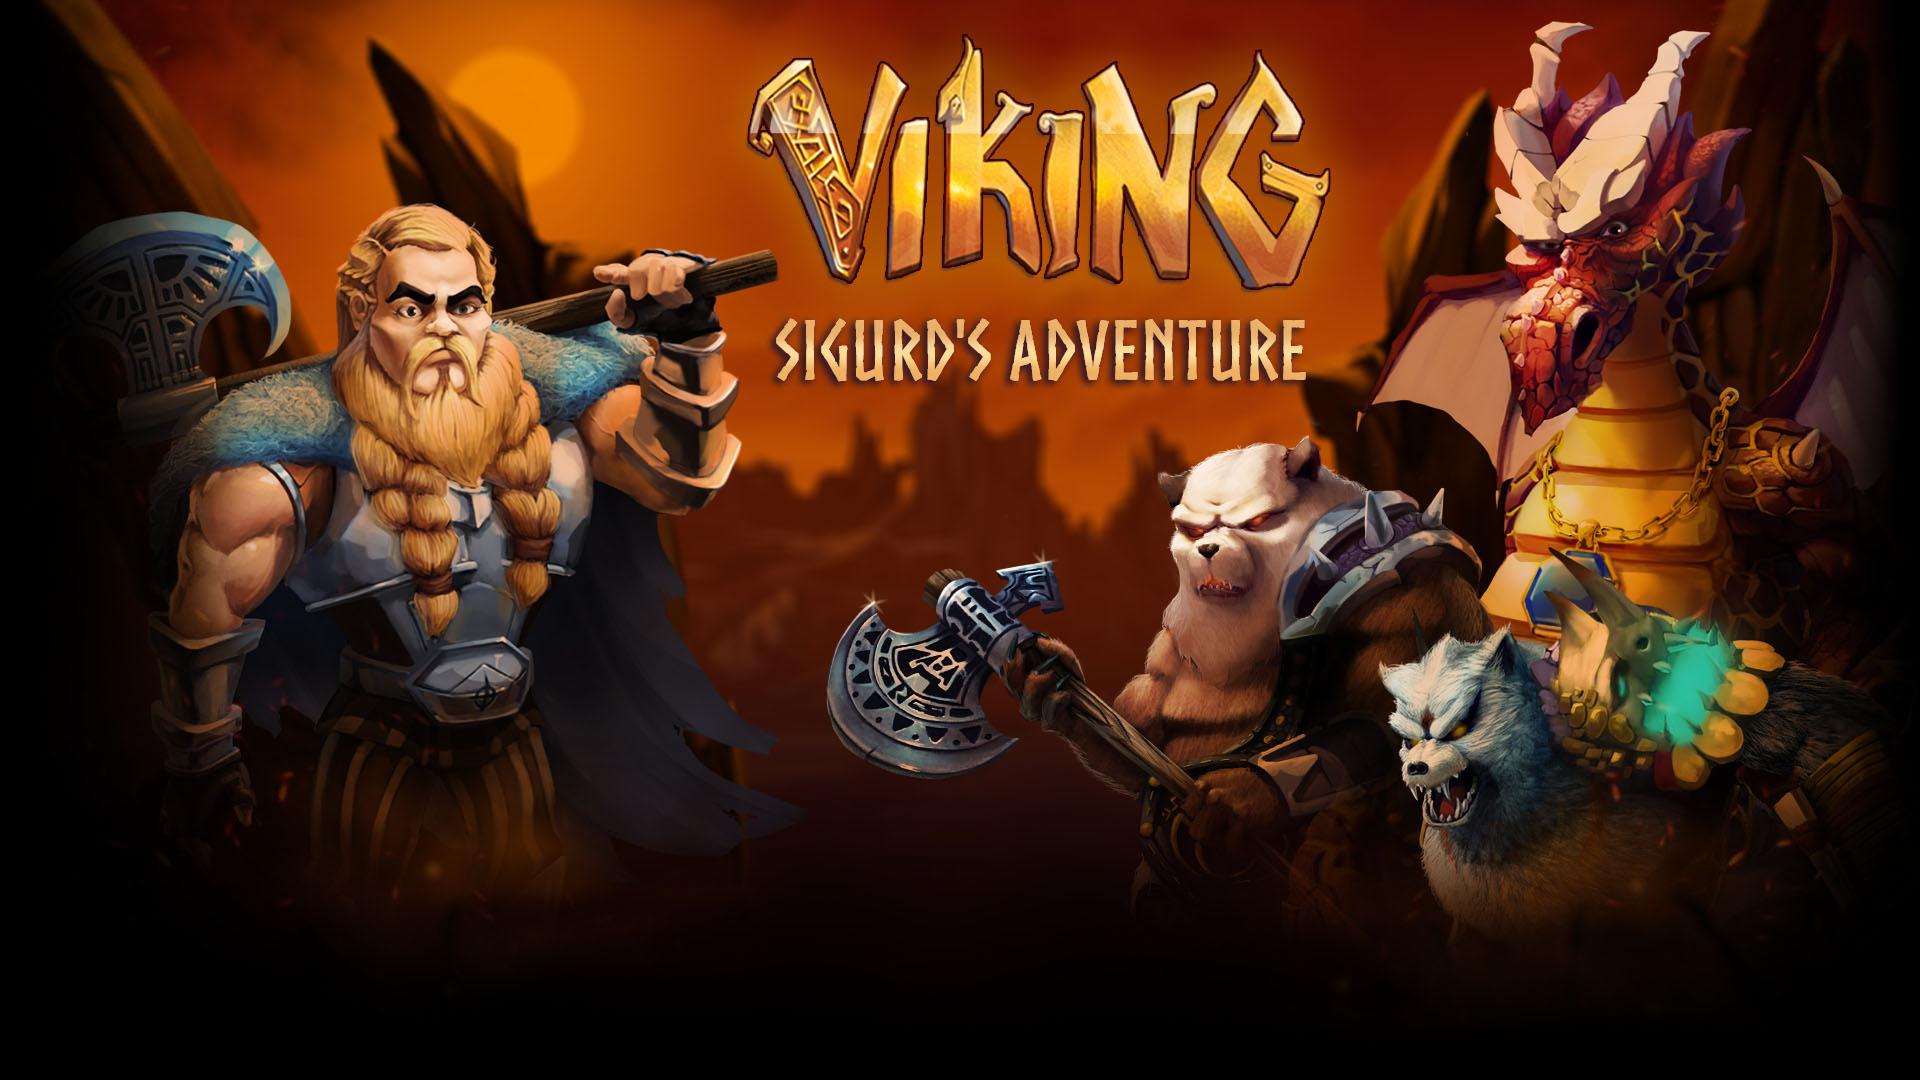 Viking: Sigurd's Adventure